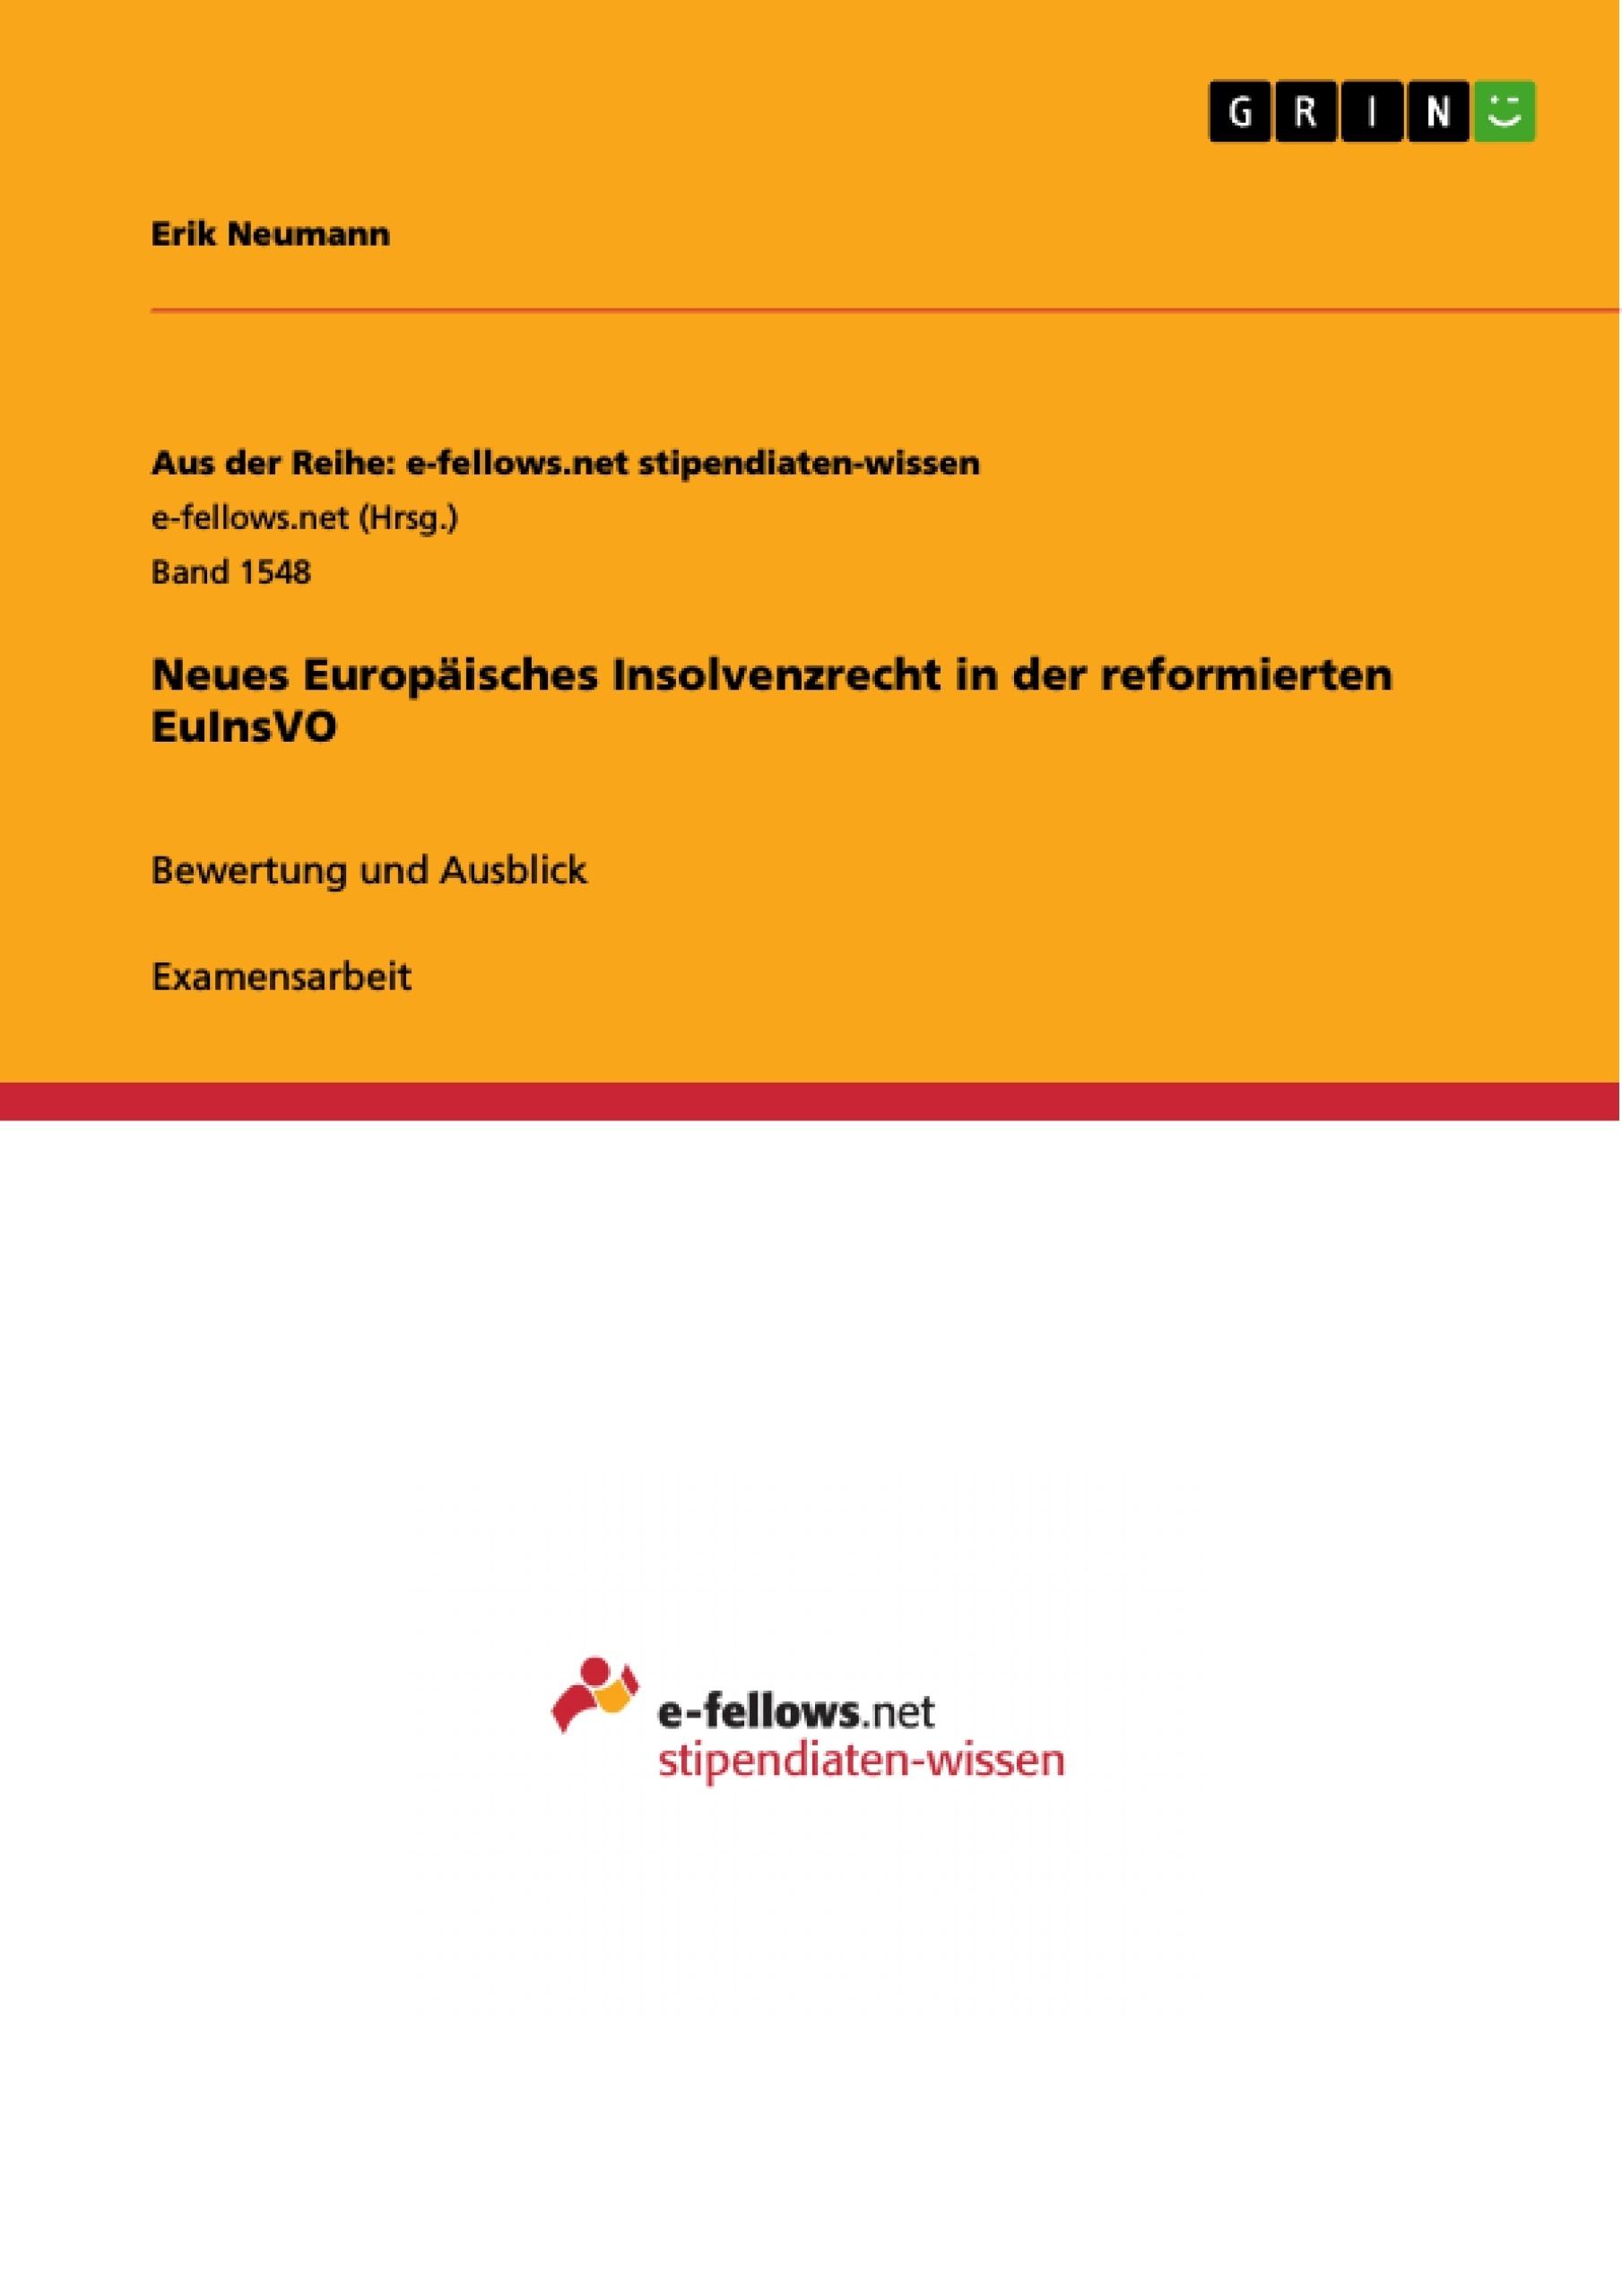 Titel: Neues Europäisches Insolvenzrecht in der reformierten EuInsVO